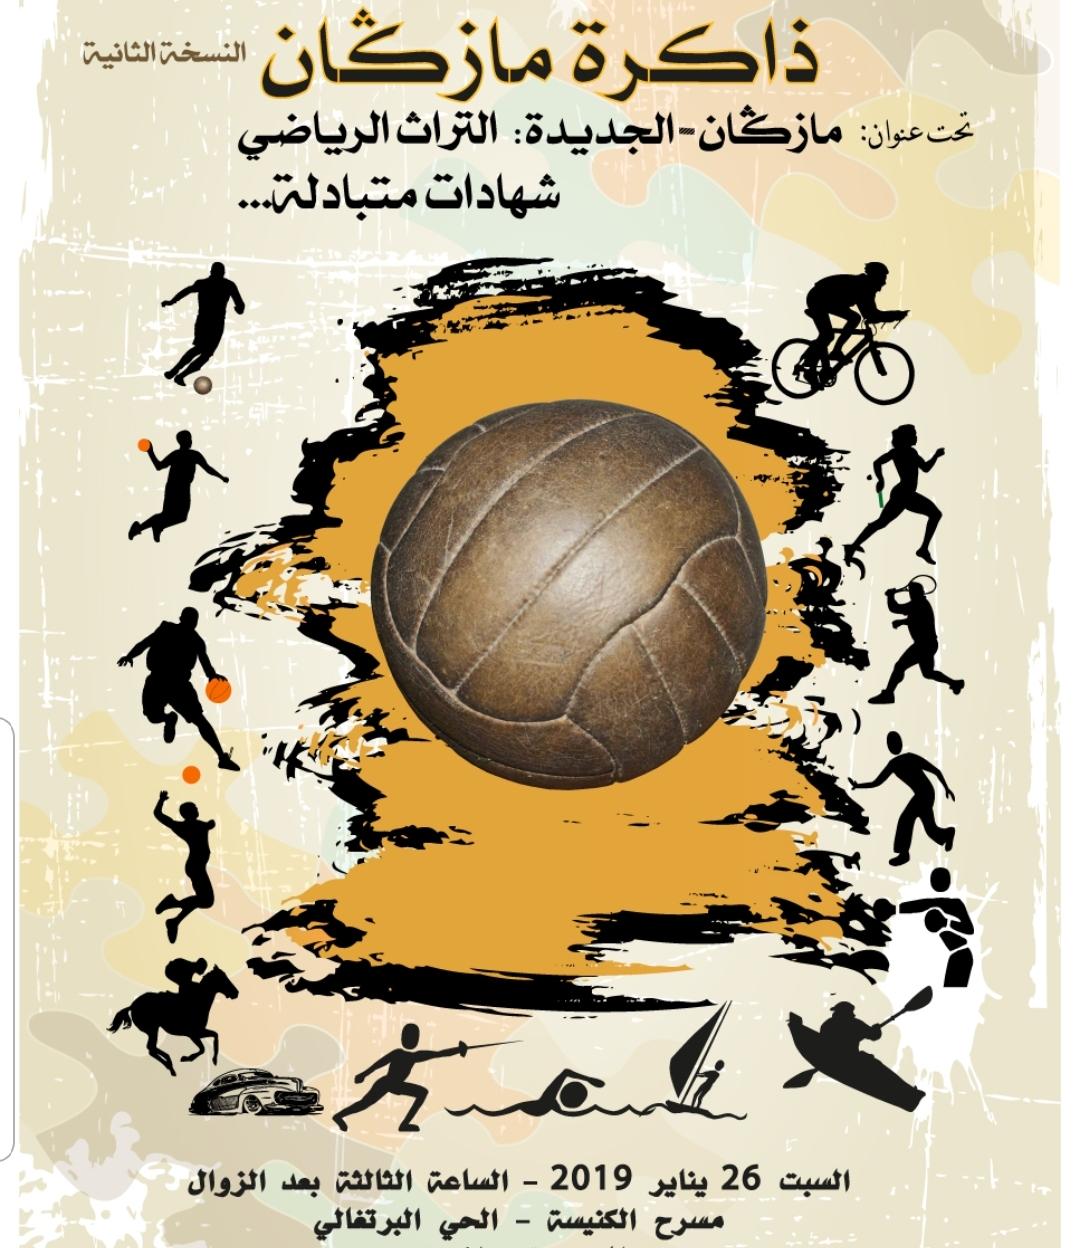 ''التراث الرياضي بمازغان: شهادات متبادلة'' .. موضوع لقاء تواصلي بالجديدة